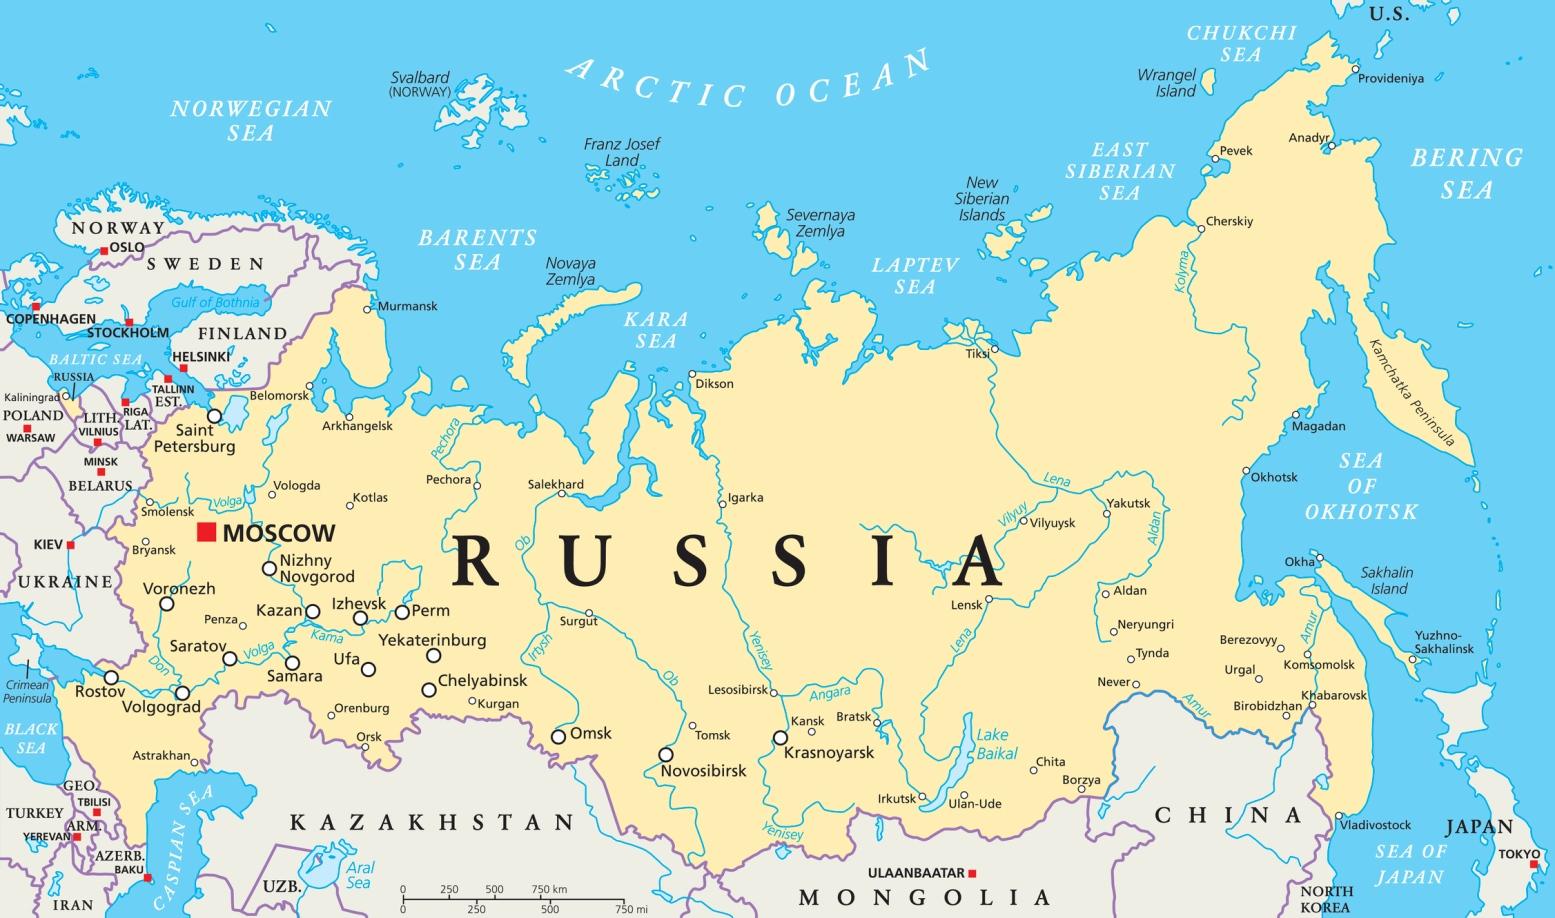 La Cartina Della Russia.Coronavirus In Russia 28 Casi Accertati 26 Provenivano Dall Italia 2 Dalla Cina Mosca Chiude Tutte Le Frontiere Meteoweb